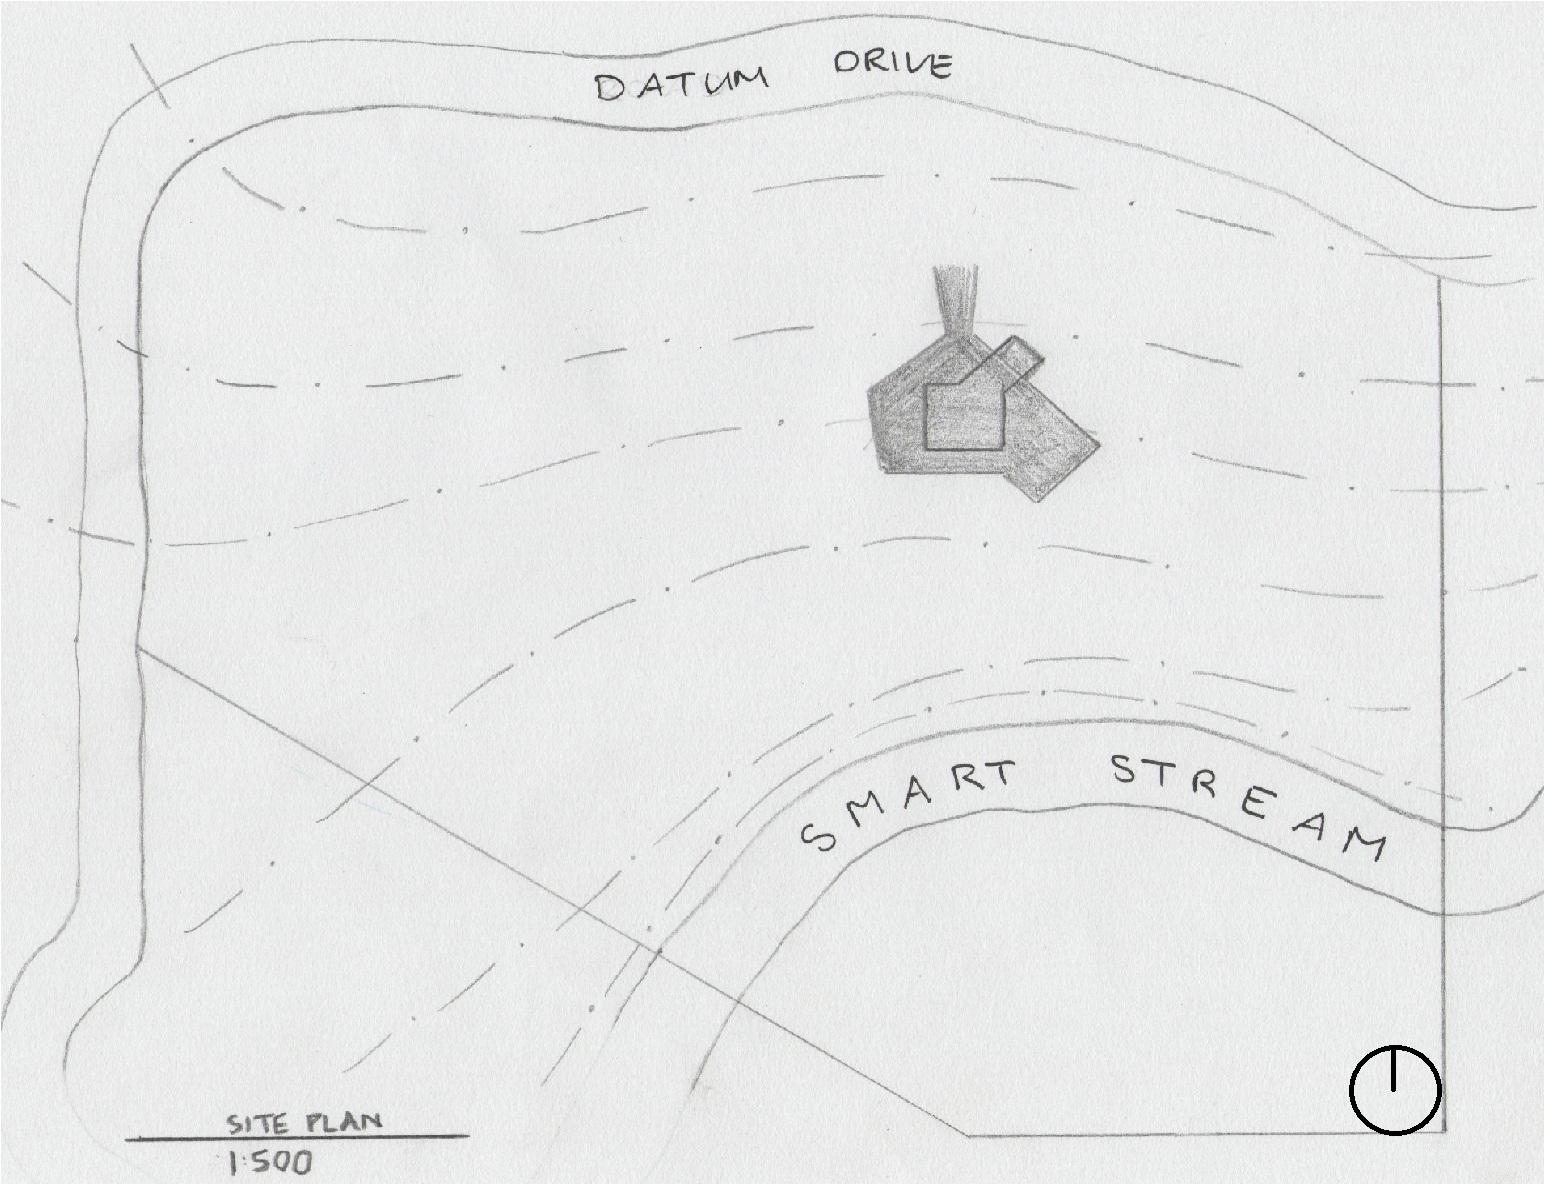 Canoe Reach Residence